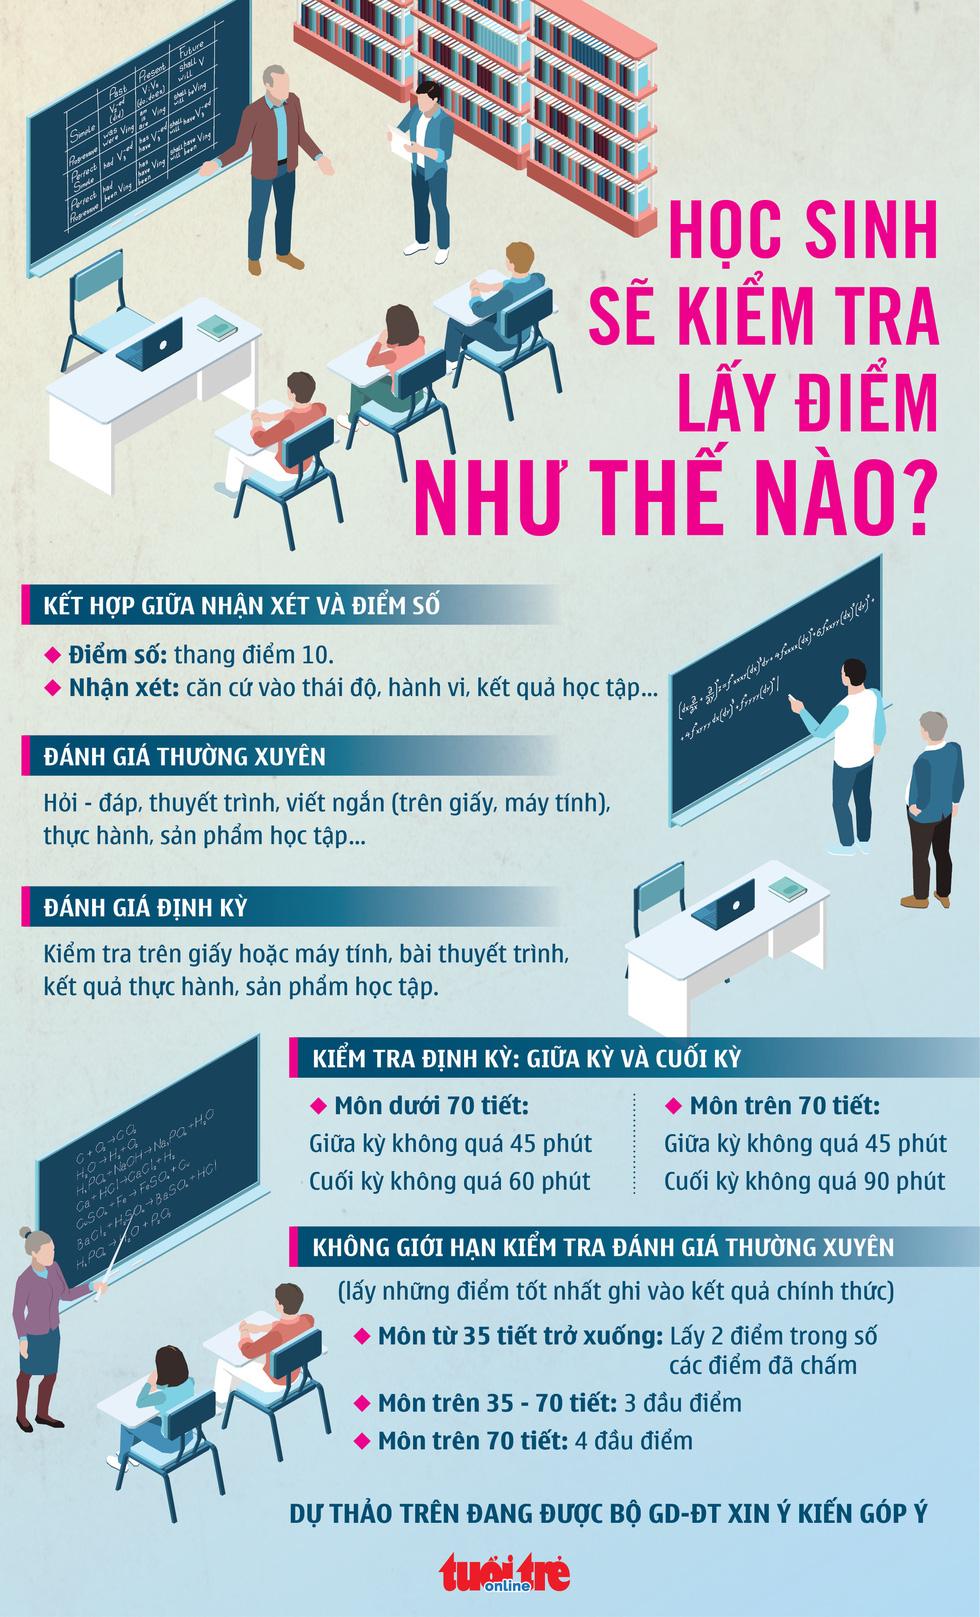 Theo dự thảo mới, học sinh sẽ kiểm tra giữa kỳ, cuối kỳ như thế nào? - Ảnh 1.